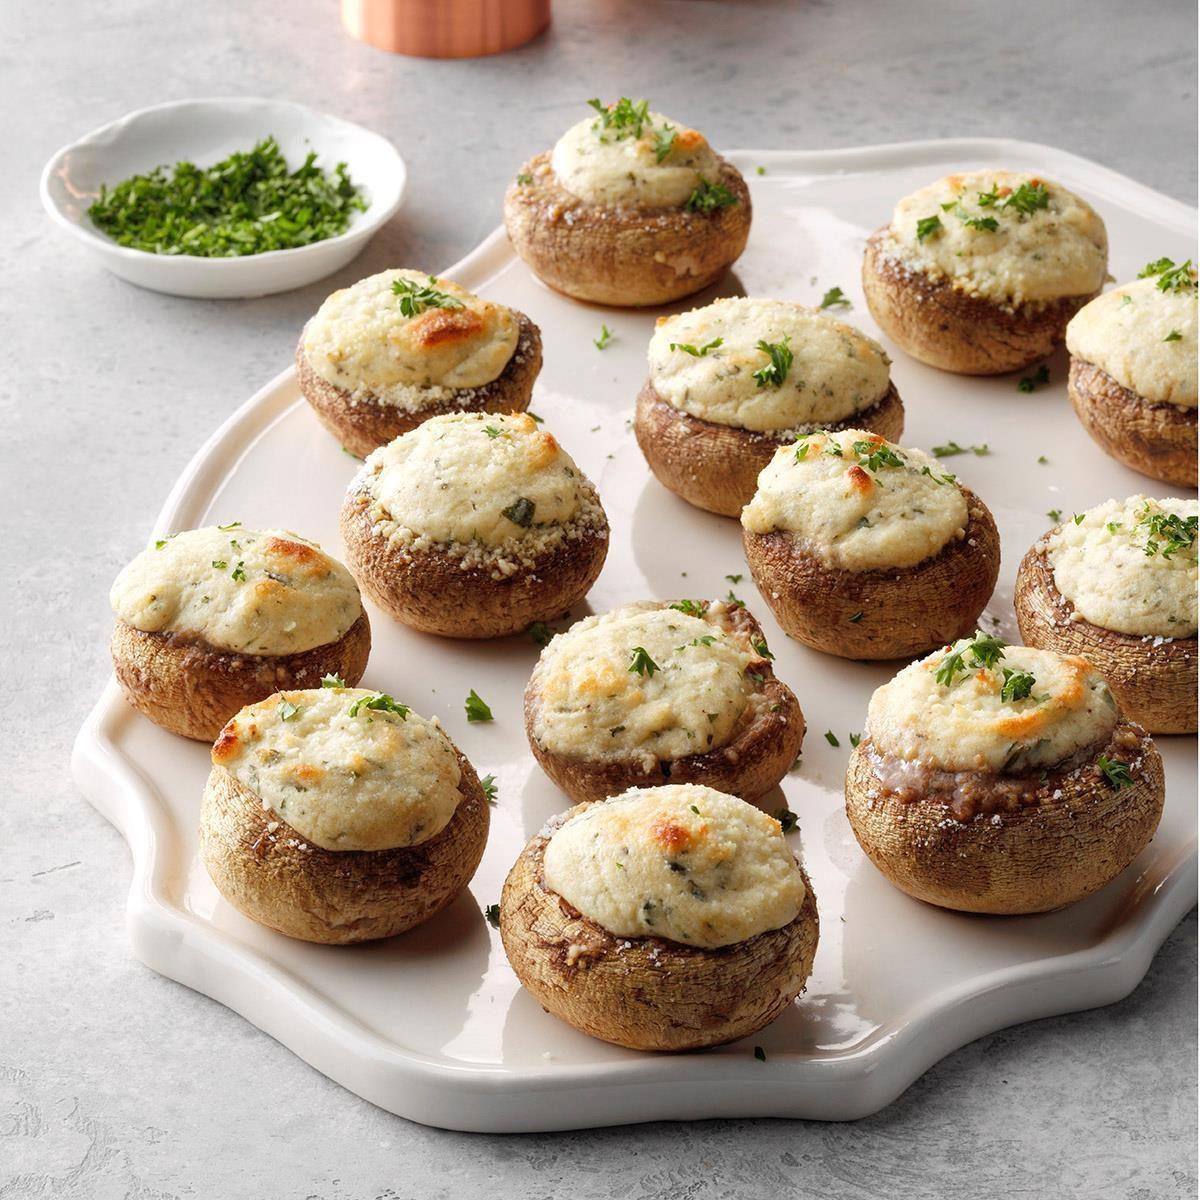 Cream Cheese-Stuffed Mushrooms